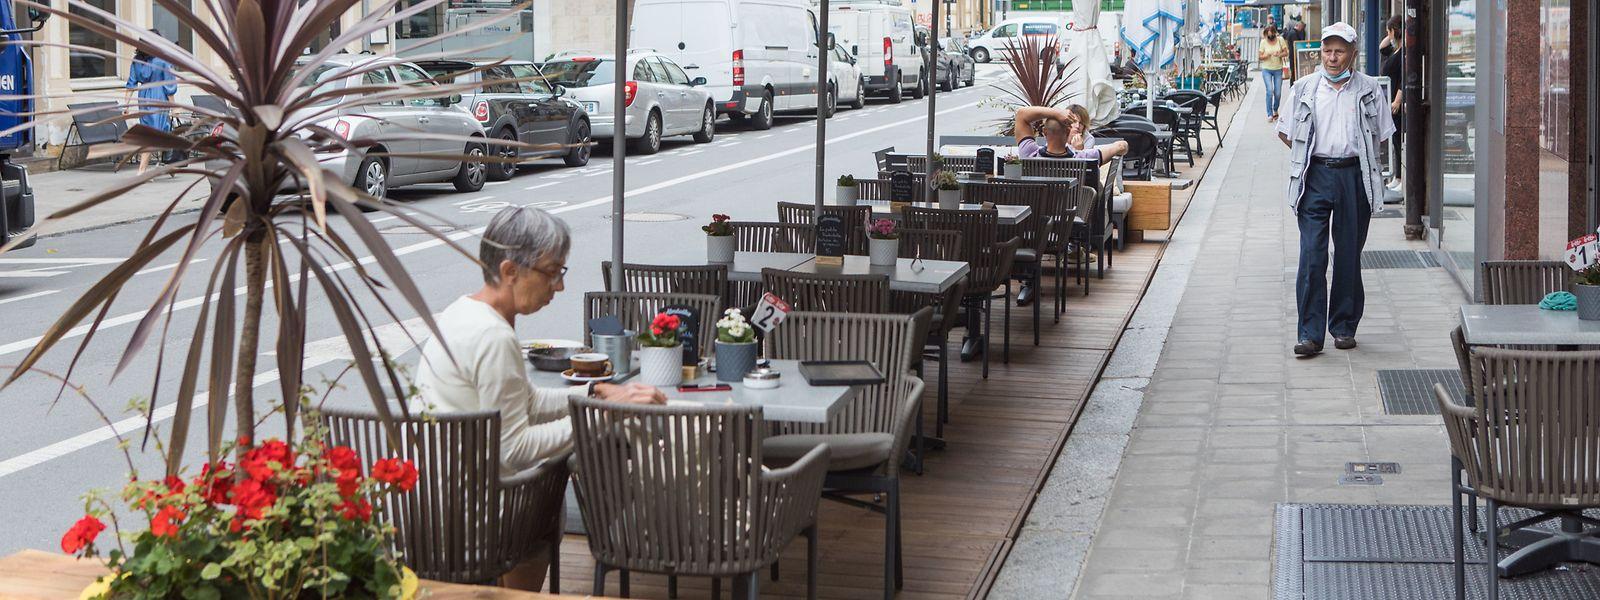 Les terrasses provisoires installées à même la chaussée ne disparaîtront pas avec le coronavirus.